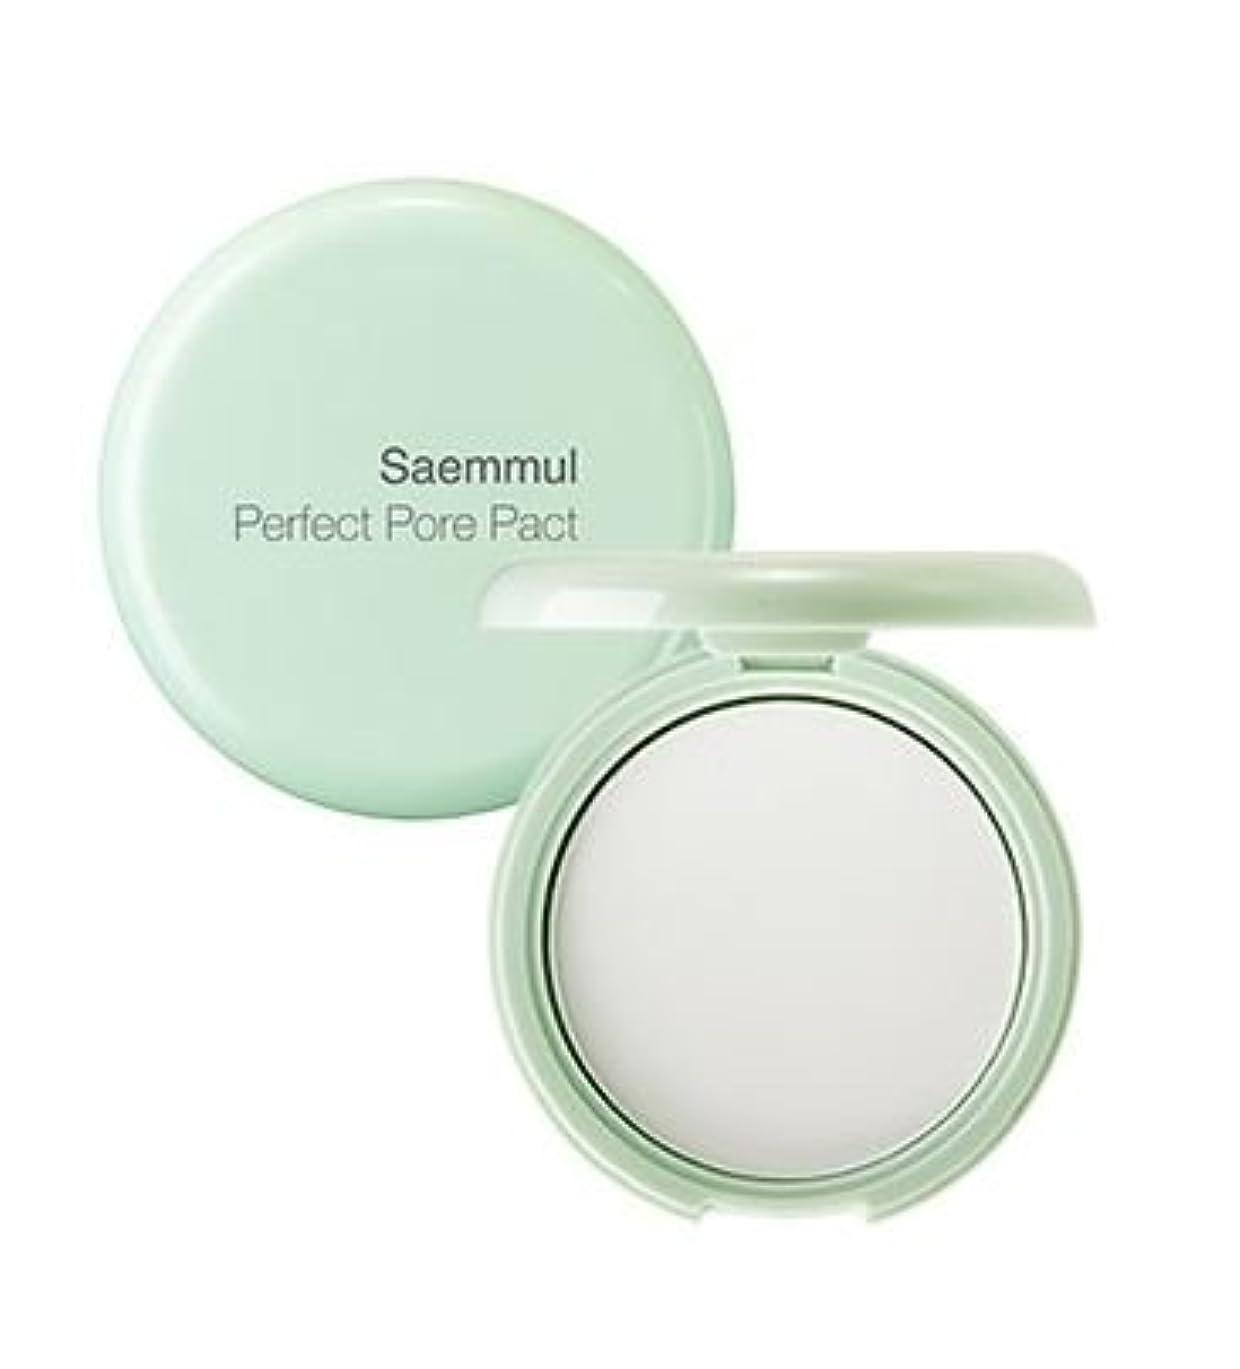 地域懸念卒業記念アルバムザセム[The Saem]センムルセンムルポアパーフェクトパクト The Saem Saemmul Perfect Pore Pact